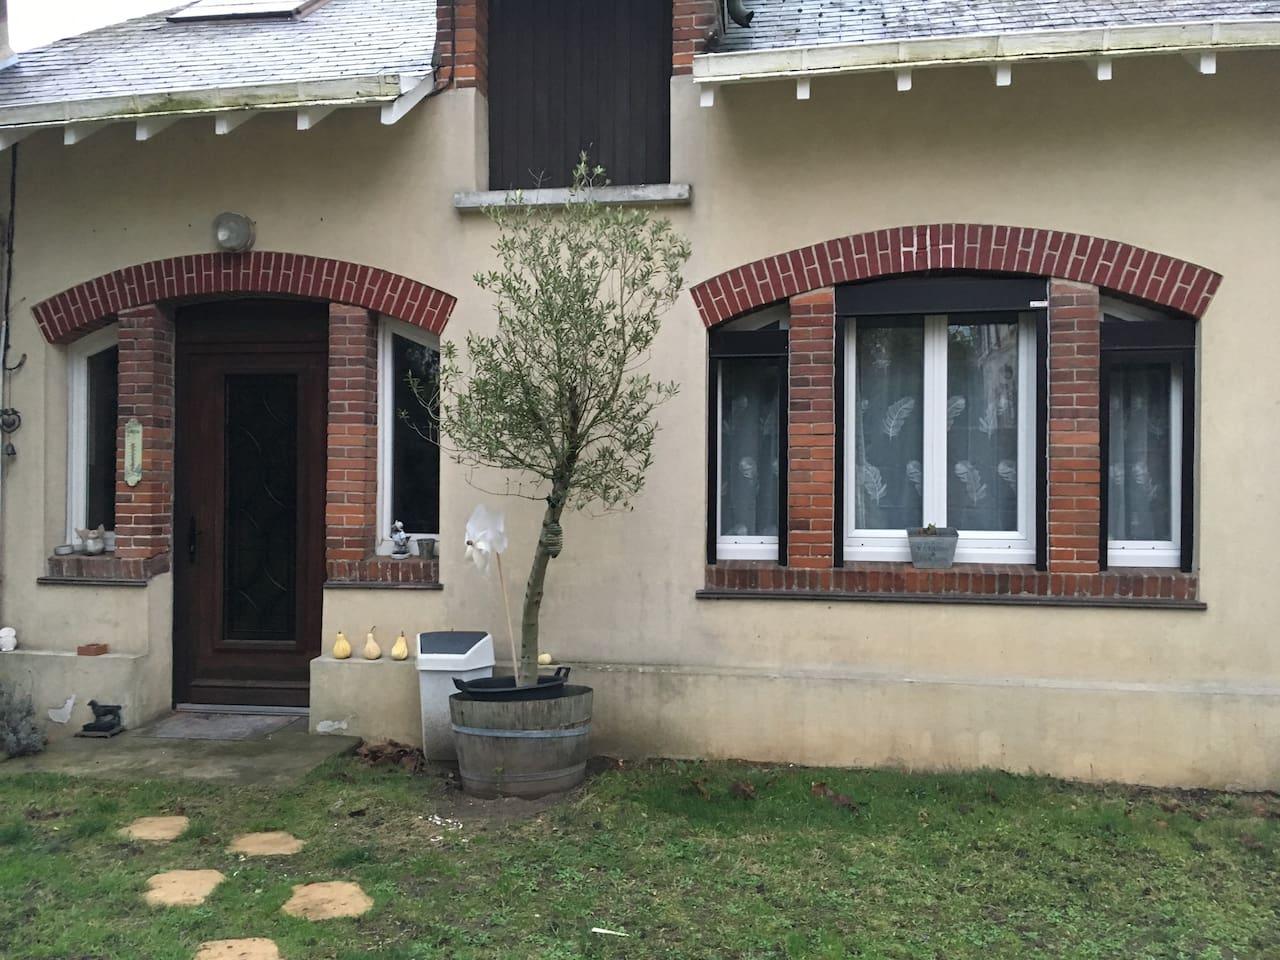 Jolie petite maison tout confort proche des commodites, à 5mn de la gare routière et ferroviaire et à 10 mn à pied du centre ville.